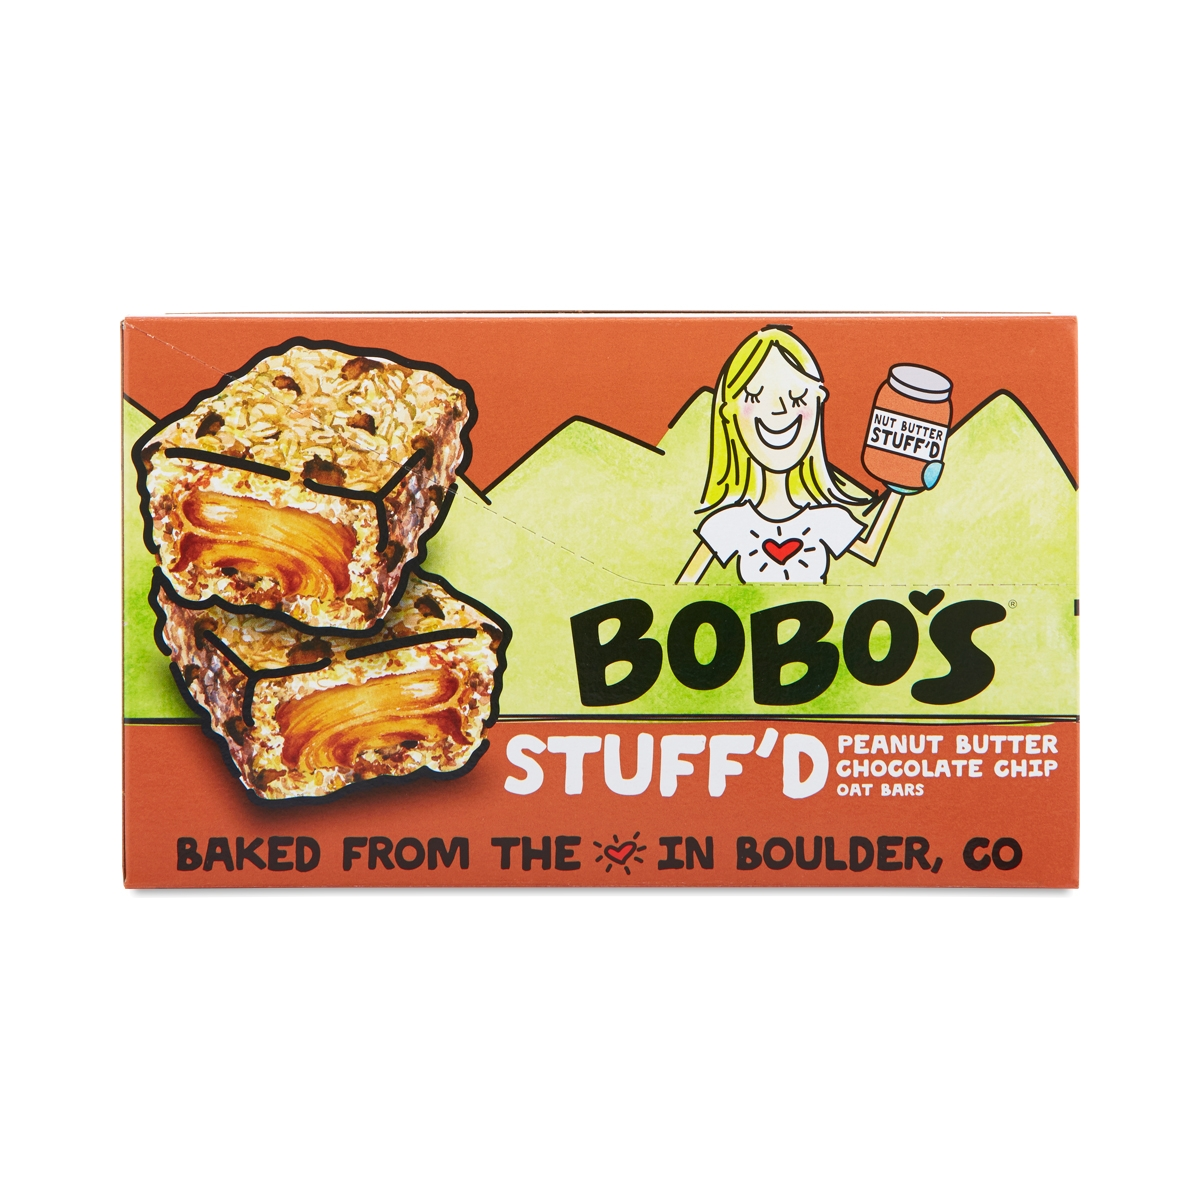 Bobo's Oat Bars Peanut Butter Filled Chocolate Chip Oat Bars twelve 2.5 oz bars